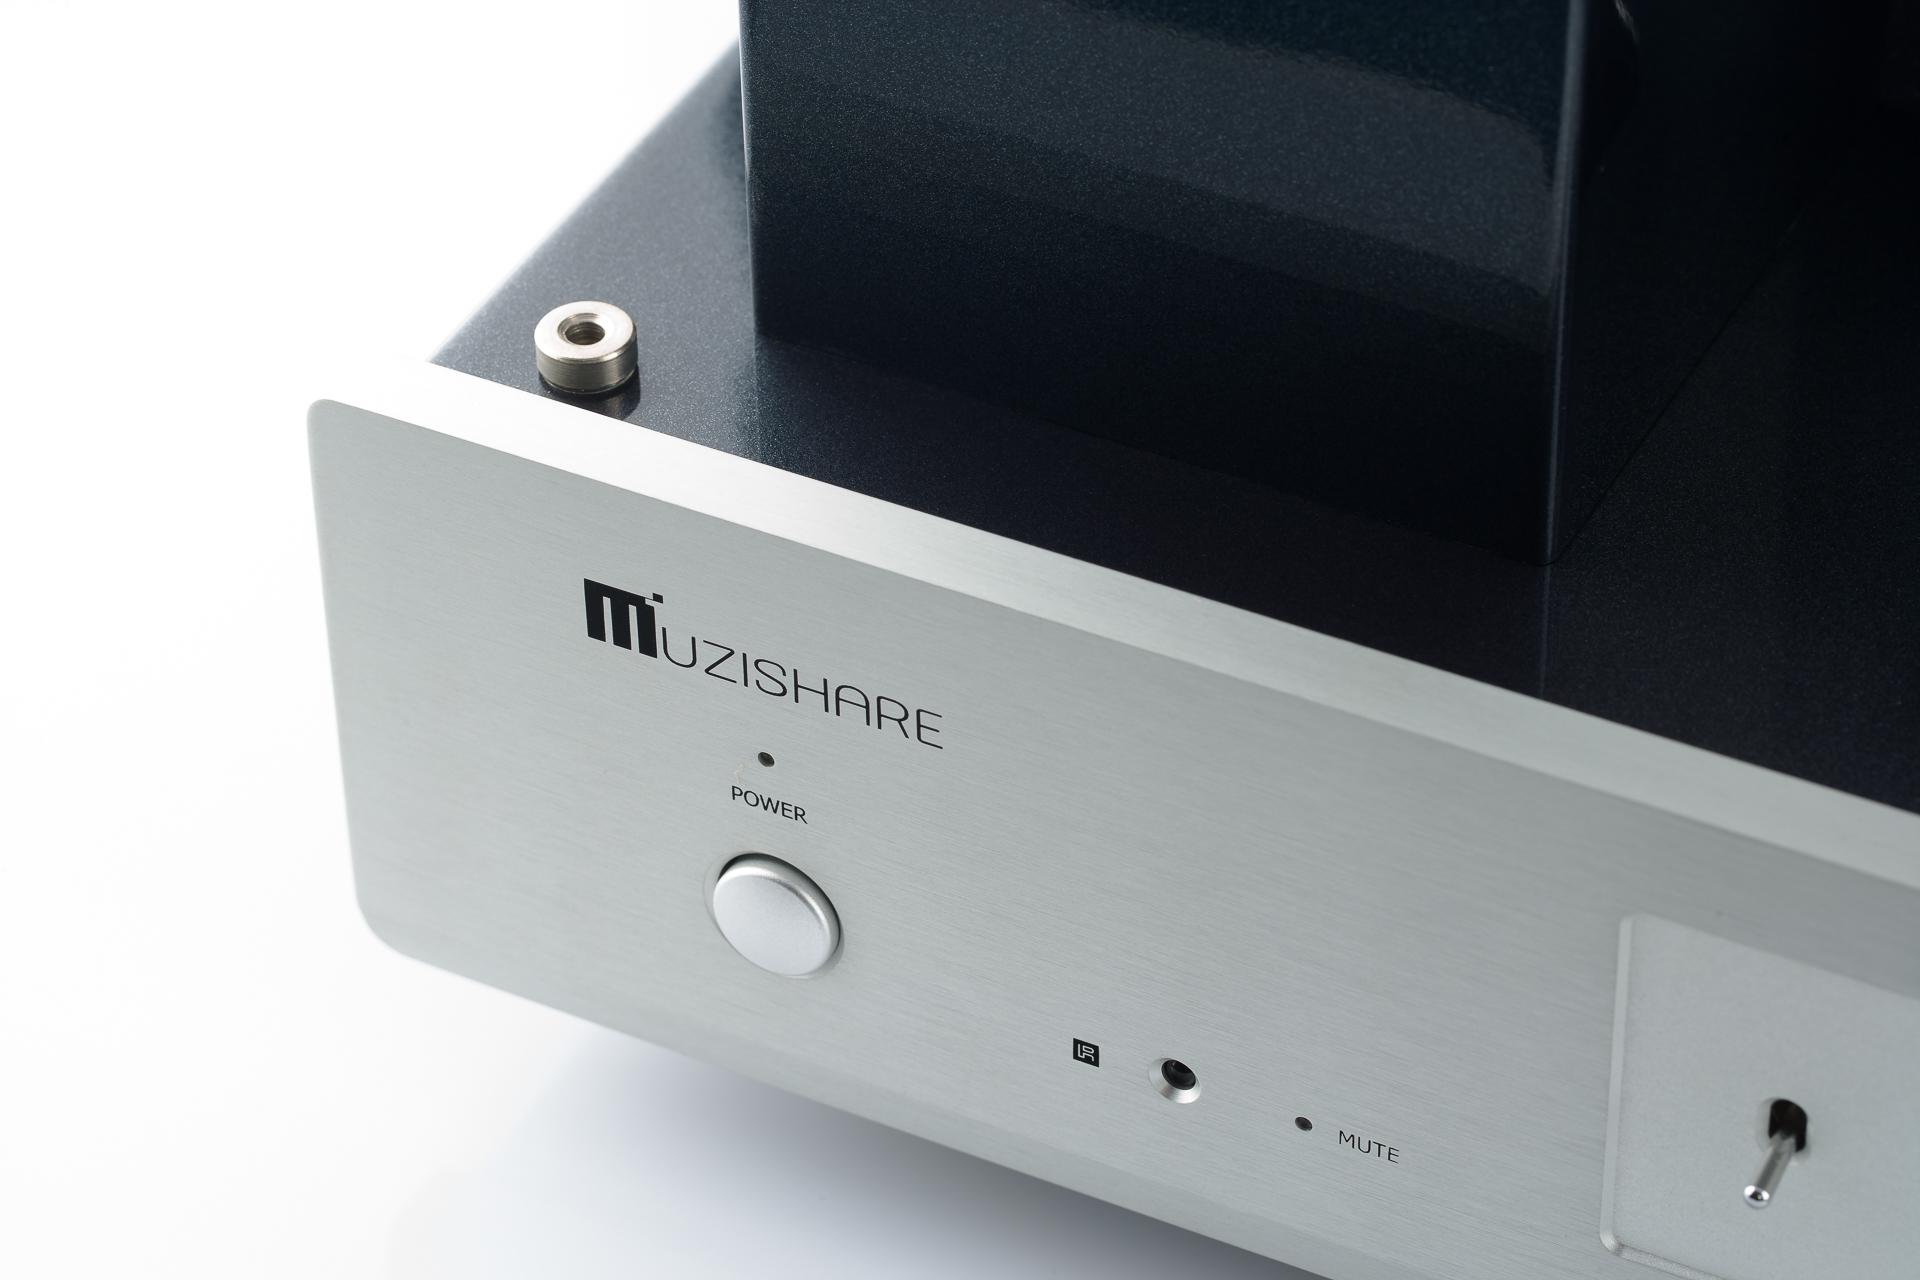 http://www.muzishare.com/data/images/product/20170505174232_553.jpg